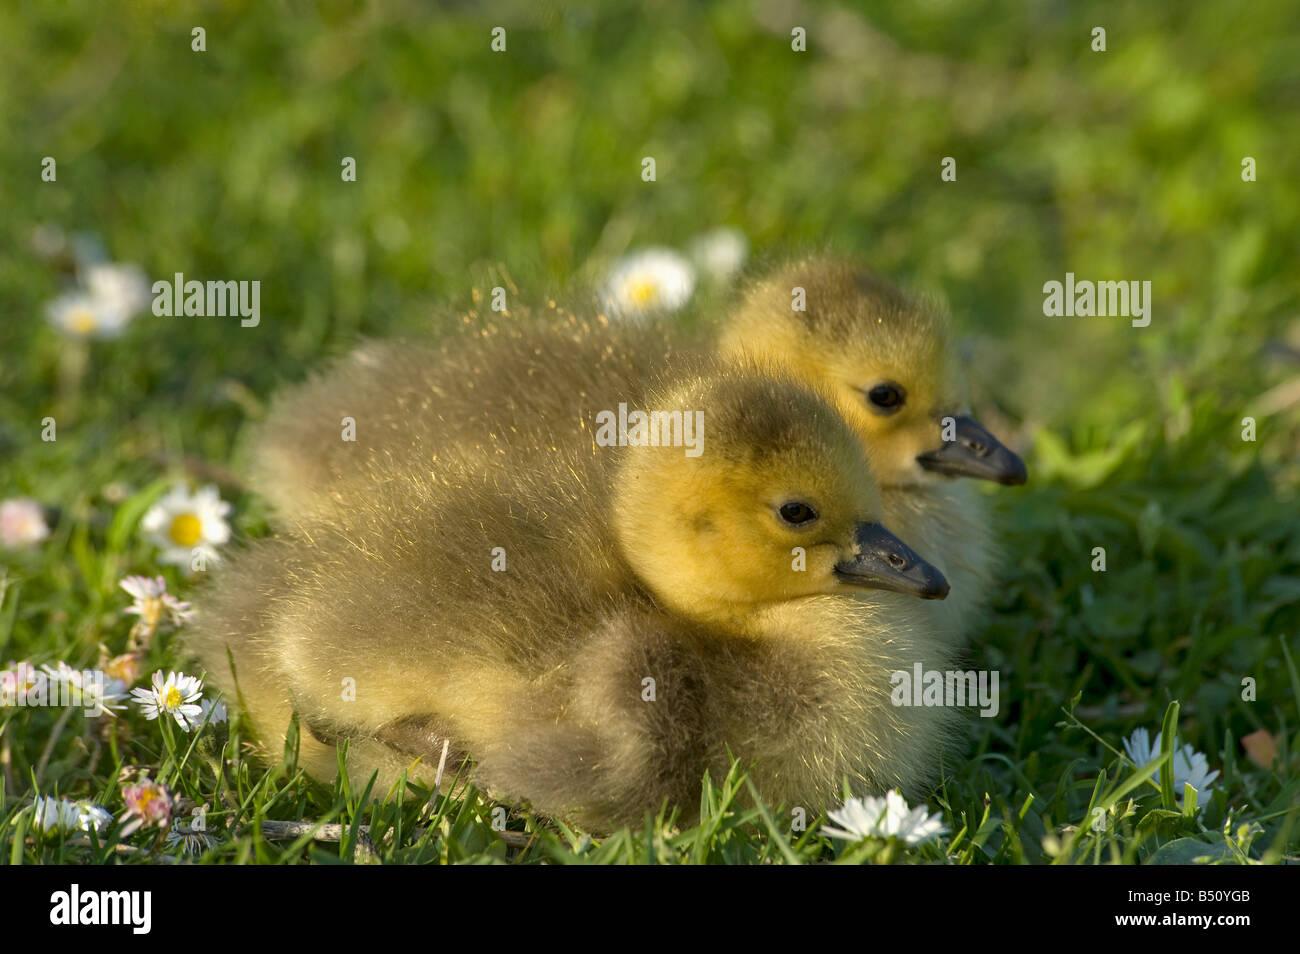 Dos goslings Canadá ganso Branta canadensis sentarse en el césped al final del día en el Jardín Imagen De Stock